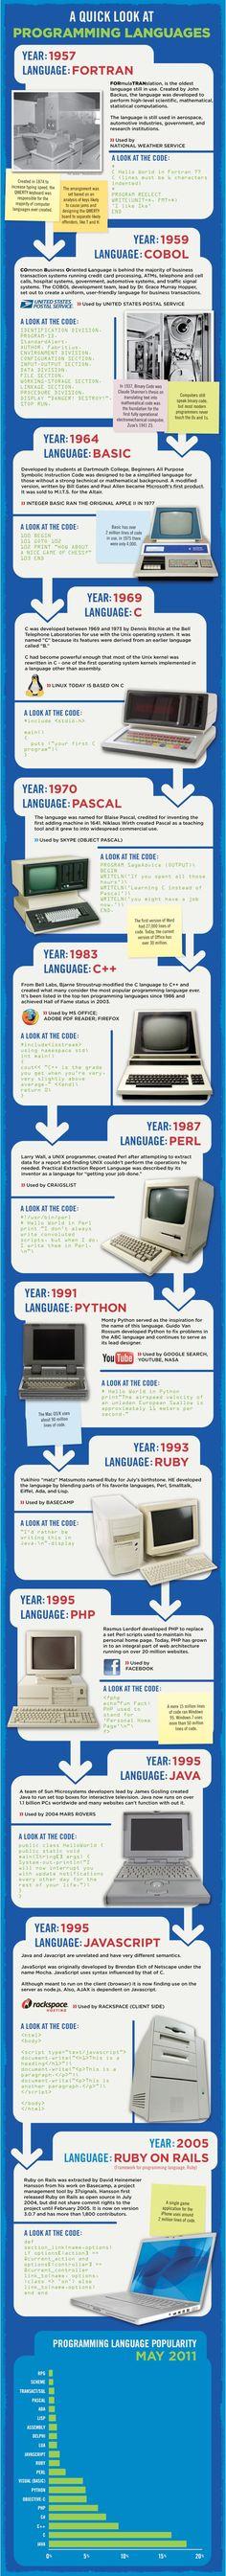 A Evolução dos Computadores e suas Linguagens